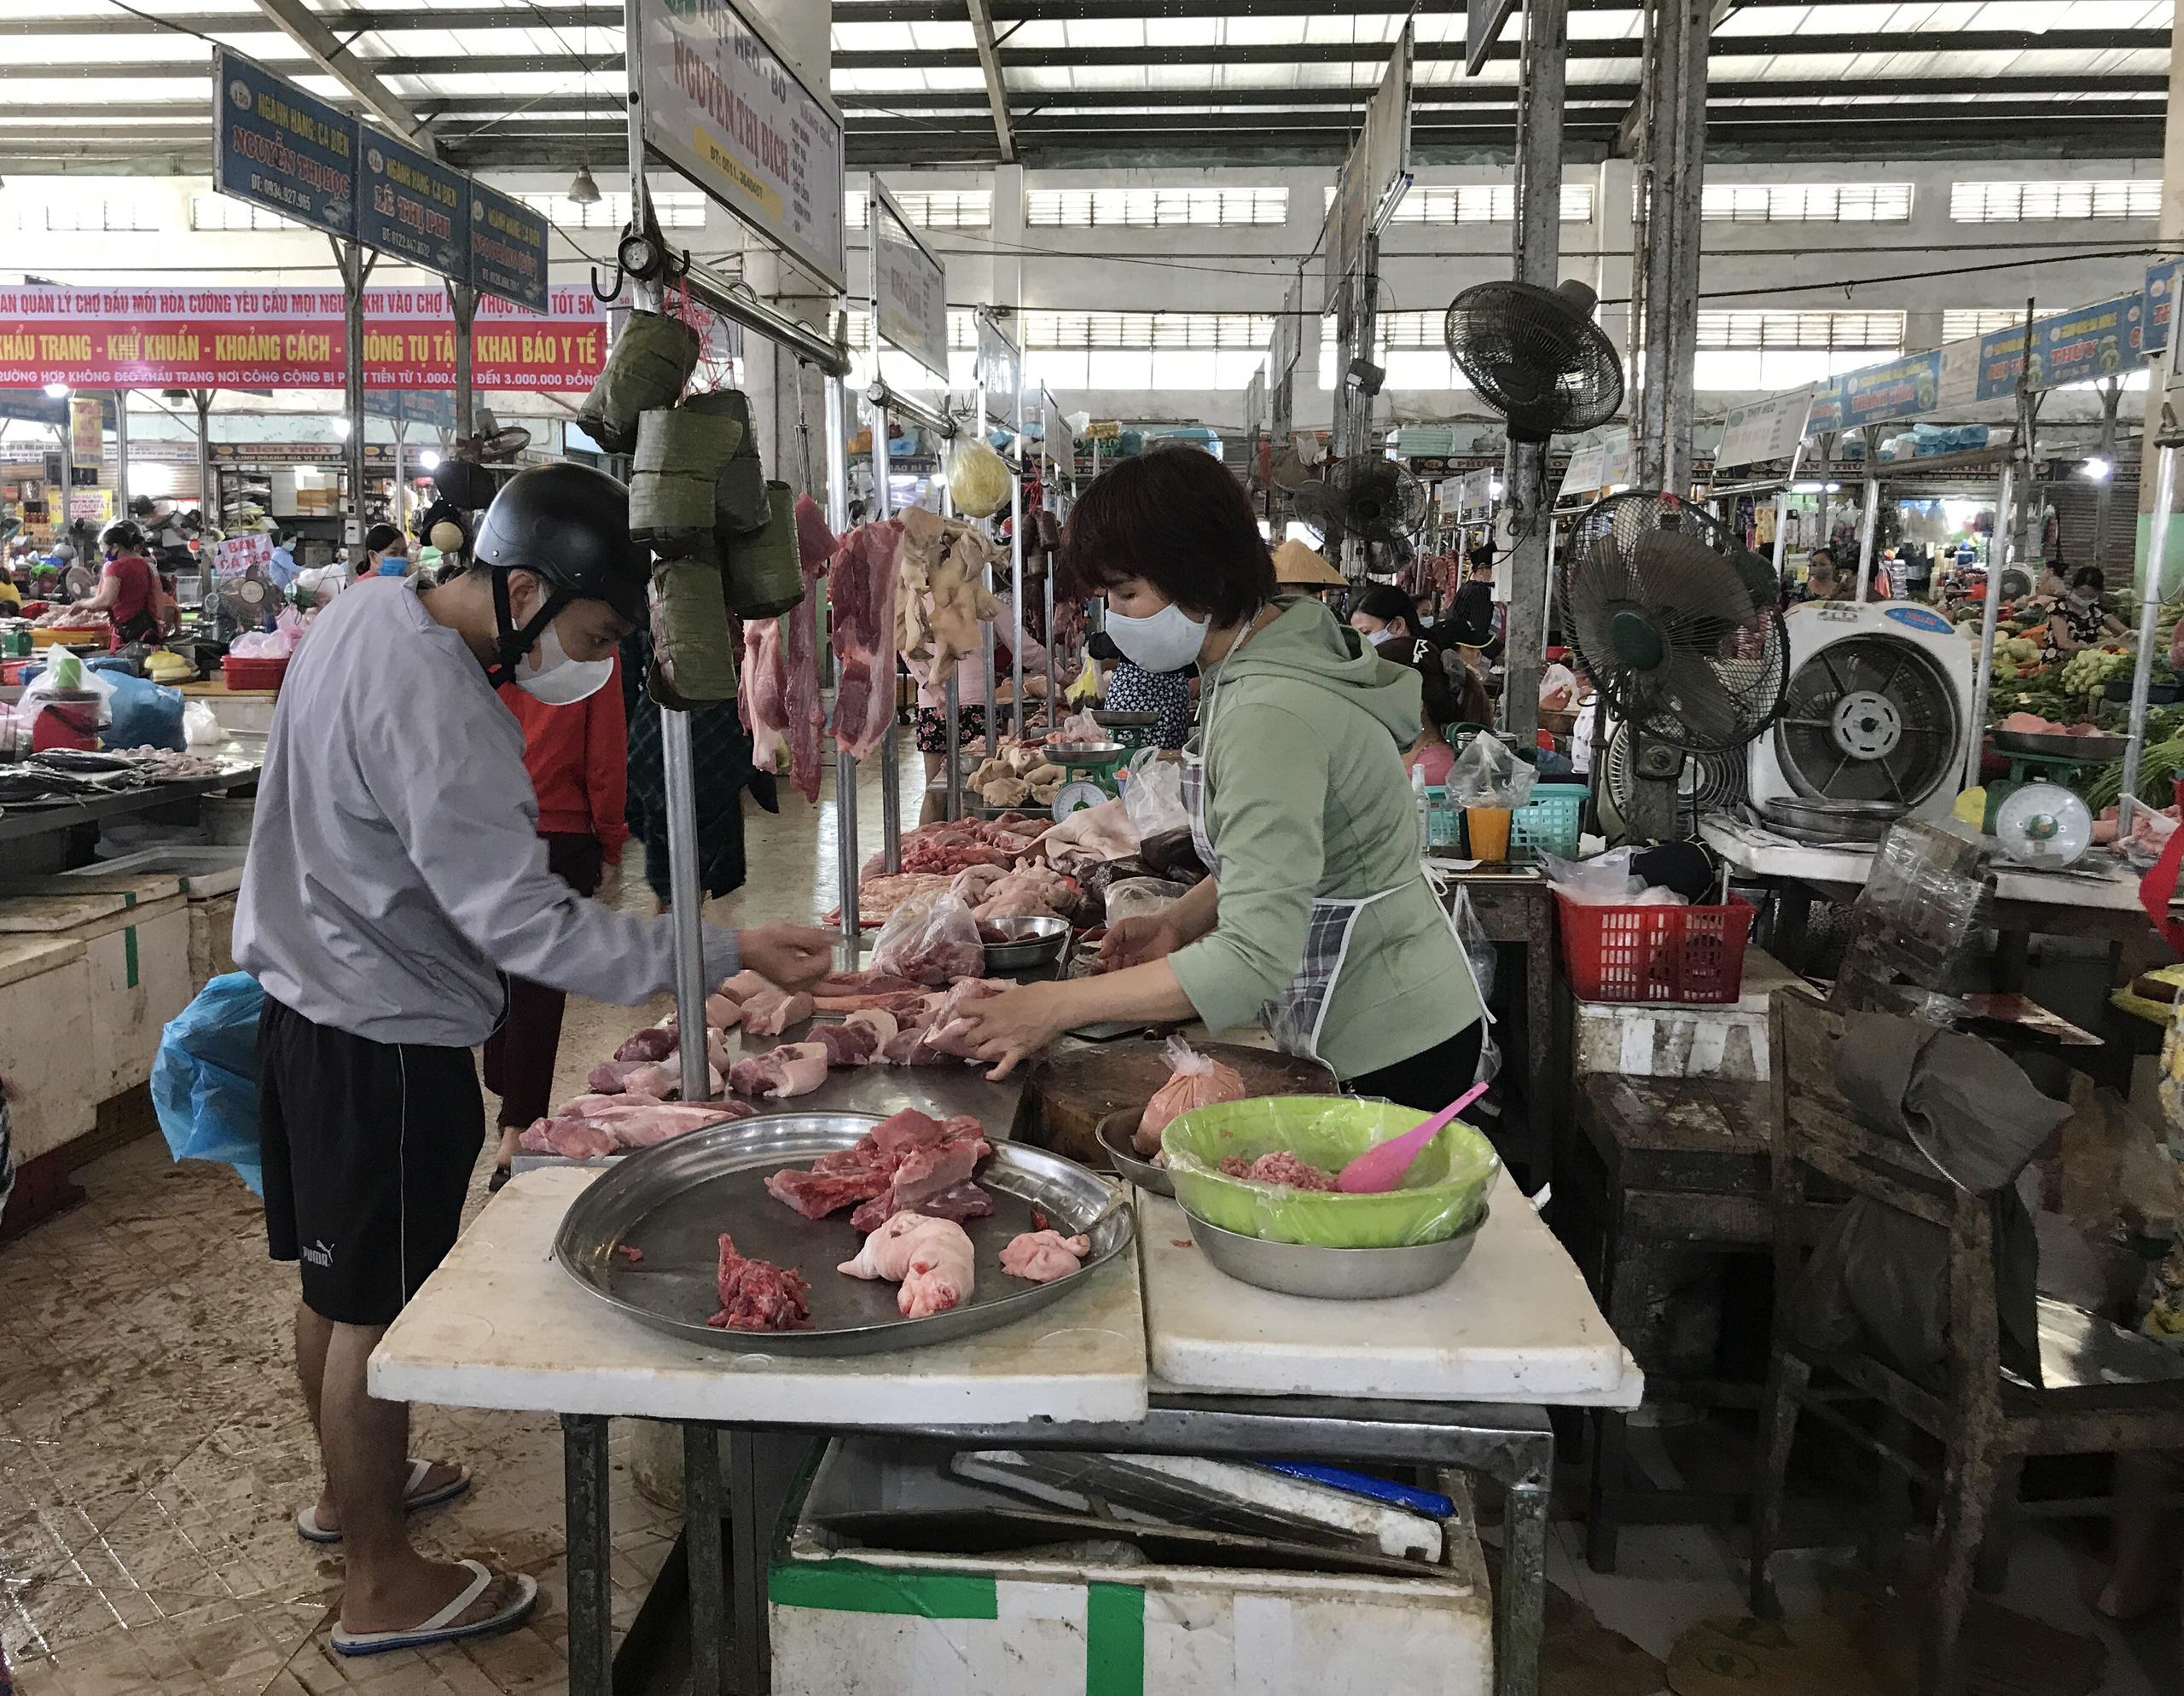 Đà Nẵng: Dịch Covid-19, giá cả các mặt hàng tại các chợ dân sinh biến động thế nào?  - Ảnh 4.